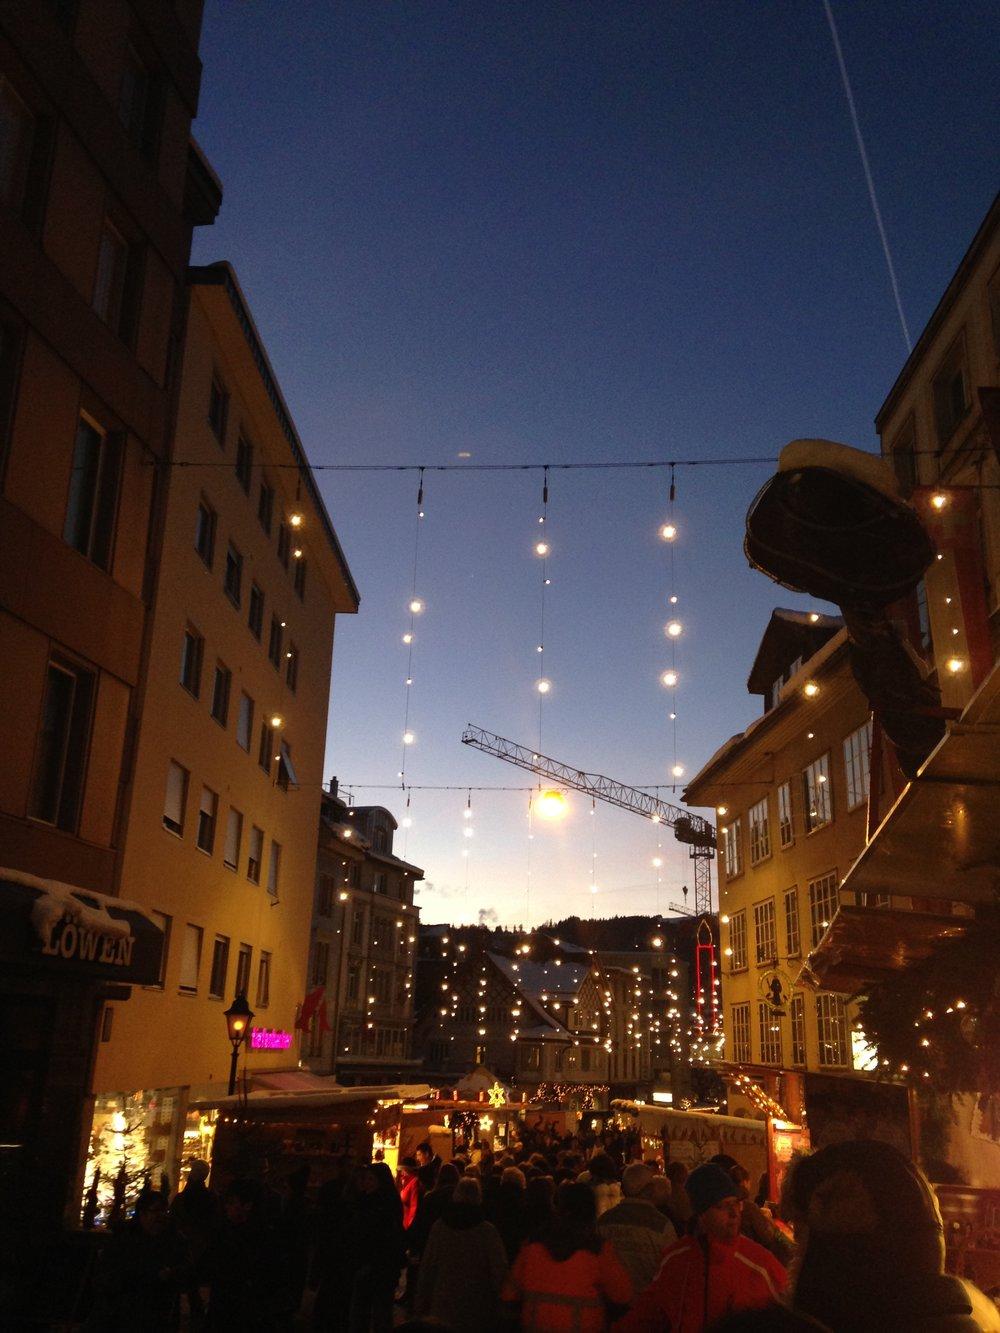 Christmas in Switzerland - Einsiedeln Christmas Market